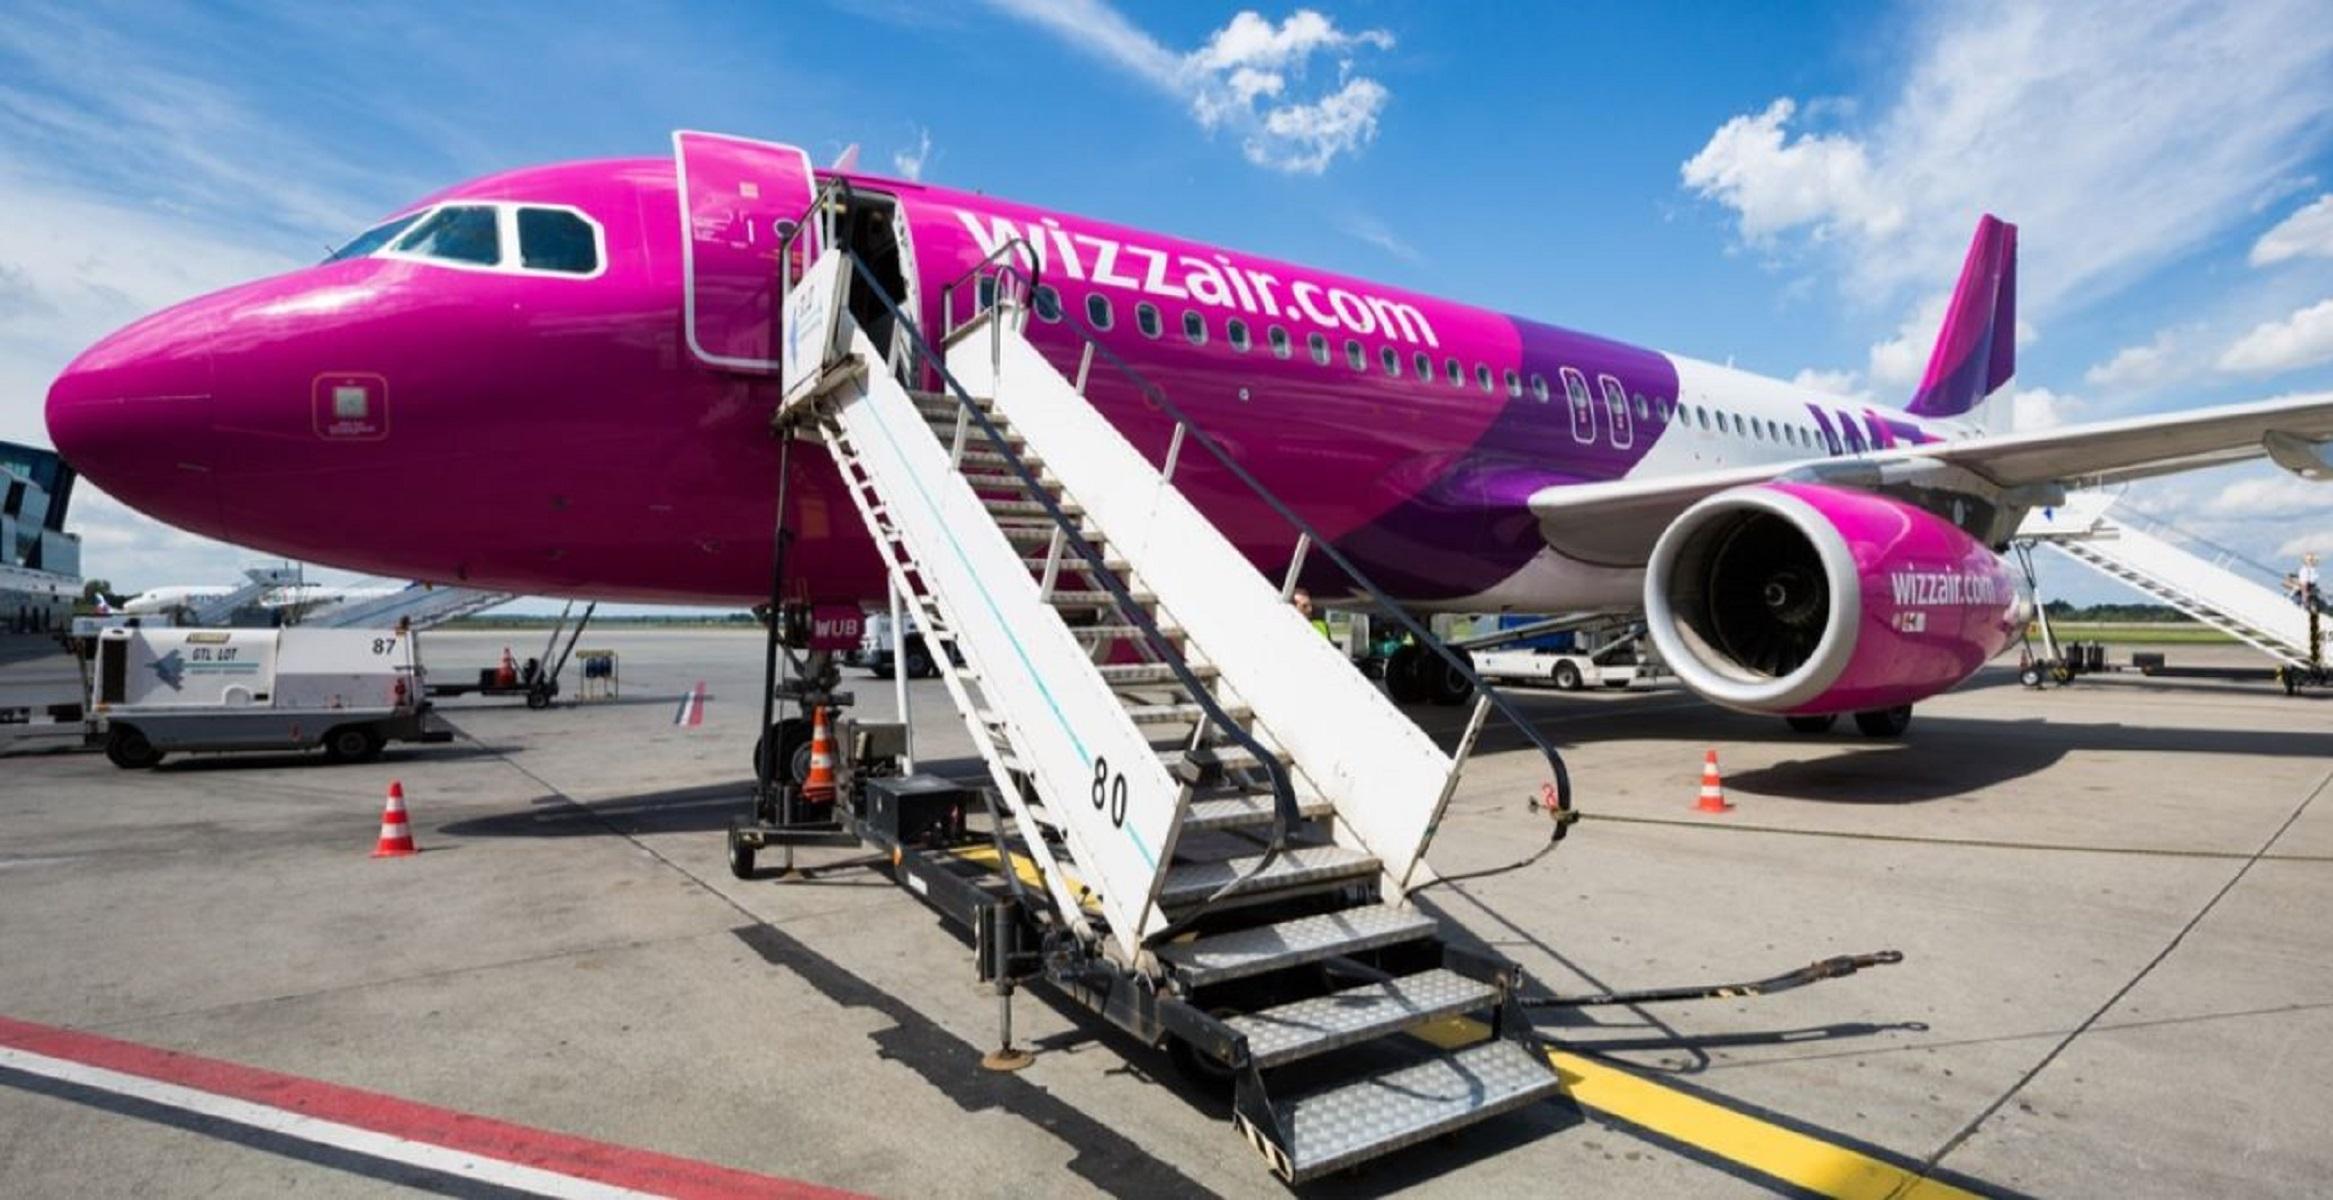 Compagnie aeree per andare in Spagna: le migliori